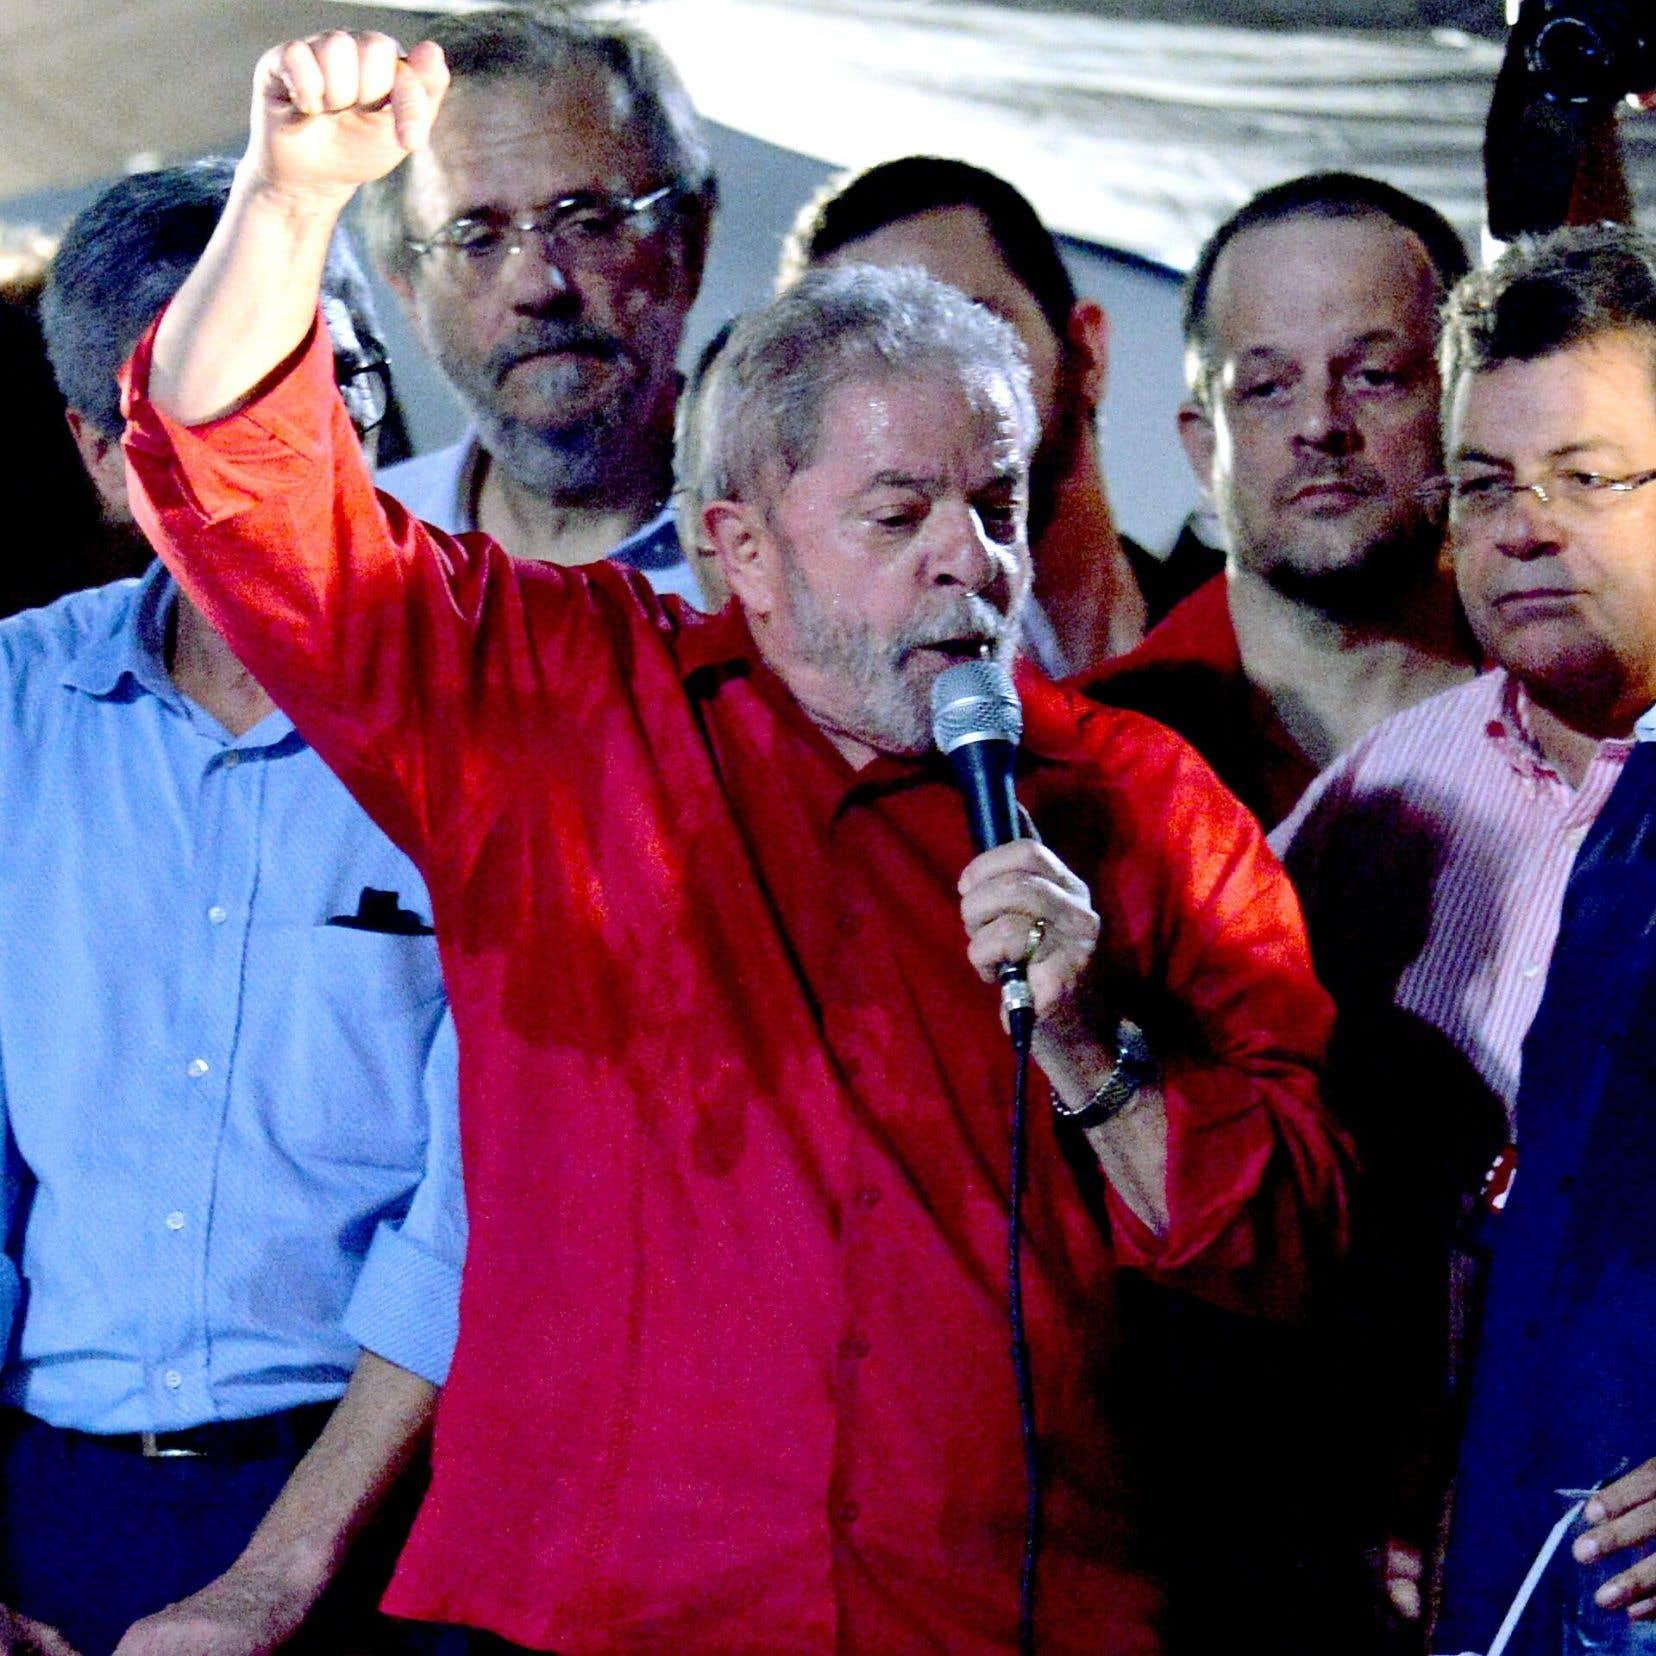 C'est le Tribunal suprême qui tranchera la semaine prochaine sur la possibilité pour Lula de rejoindre le cabinet de la présidente Rousseff.